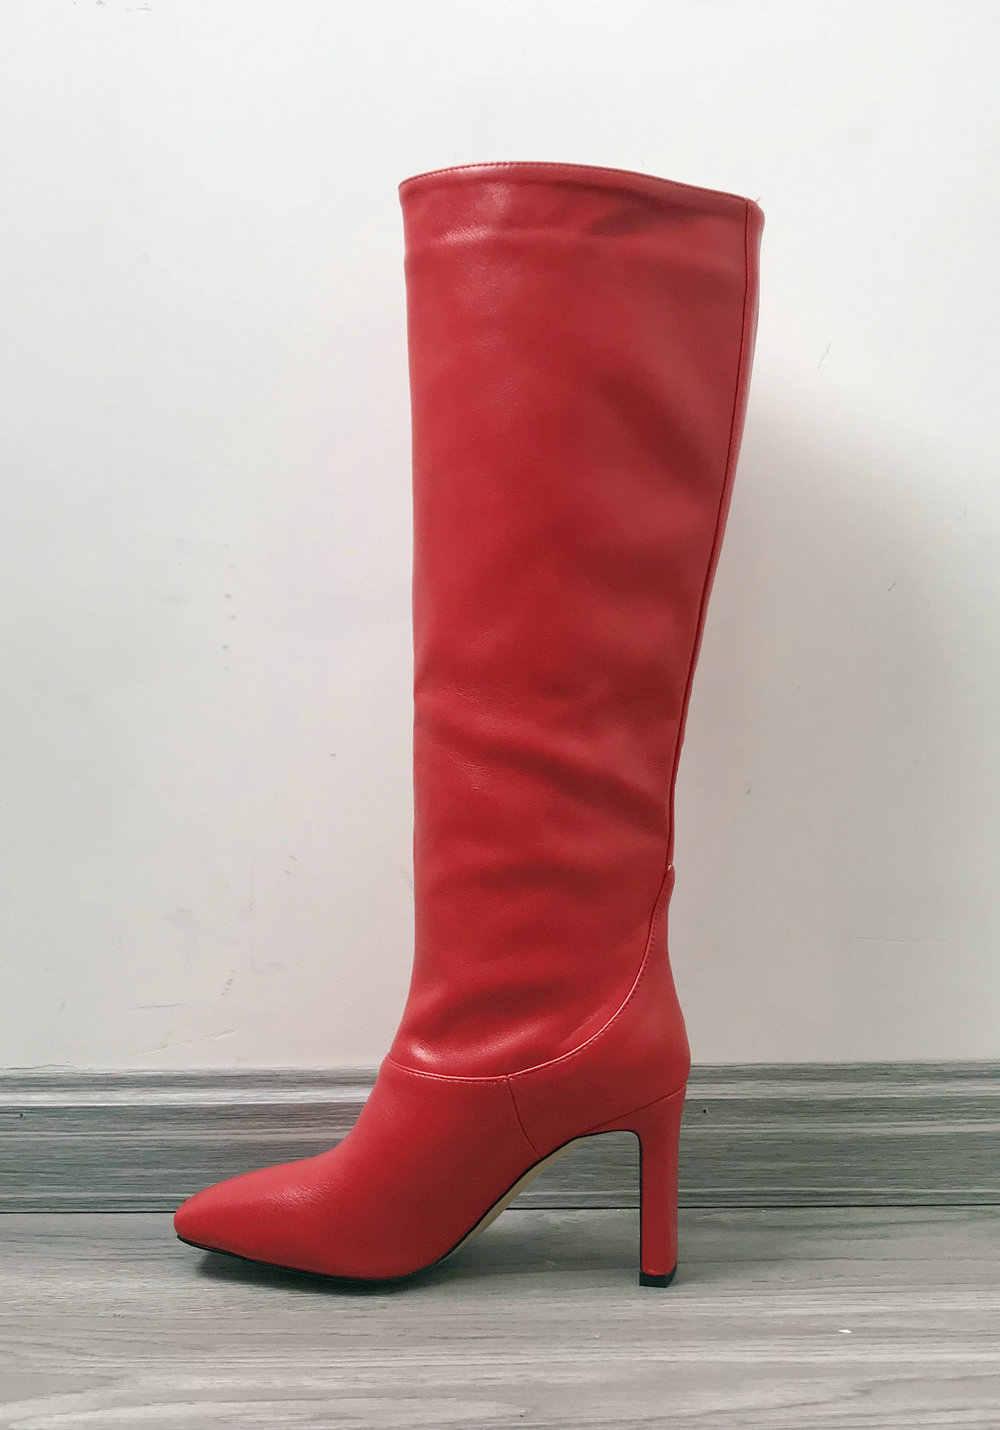 Vrouwen Blok Hakken Knie Hoge Laarzen Herfst Winter Warm Partij Schoenen Vrouw Vierkante Teen Hoge Hakken Motorlaarzen Lange Schoenen 2020